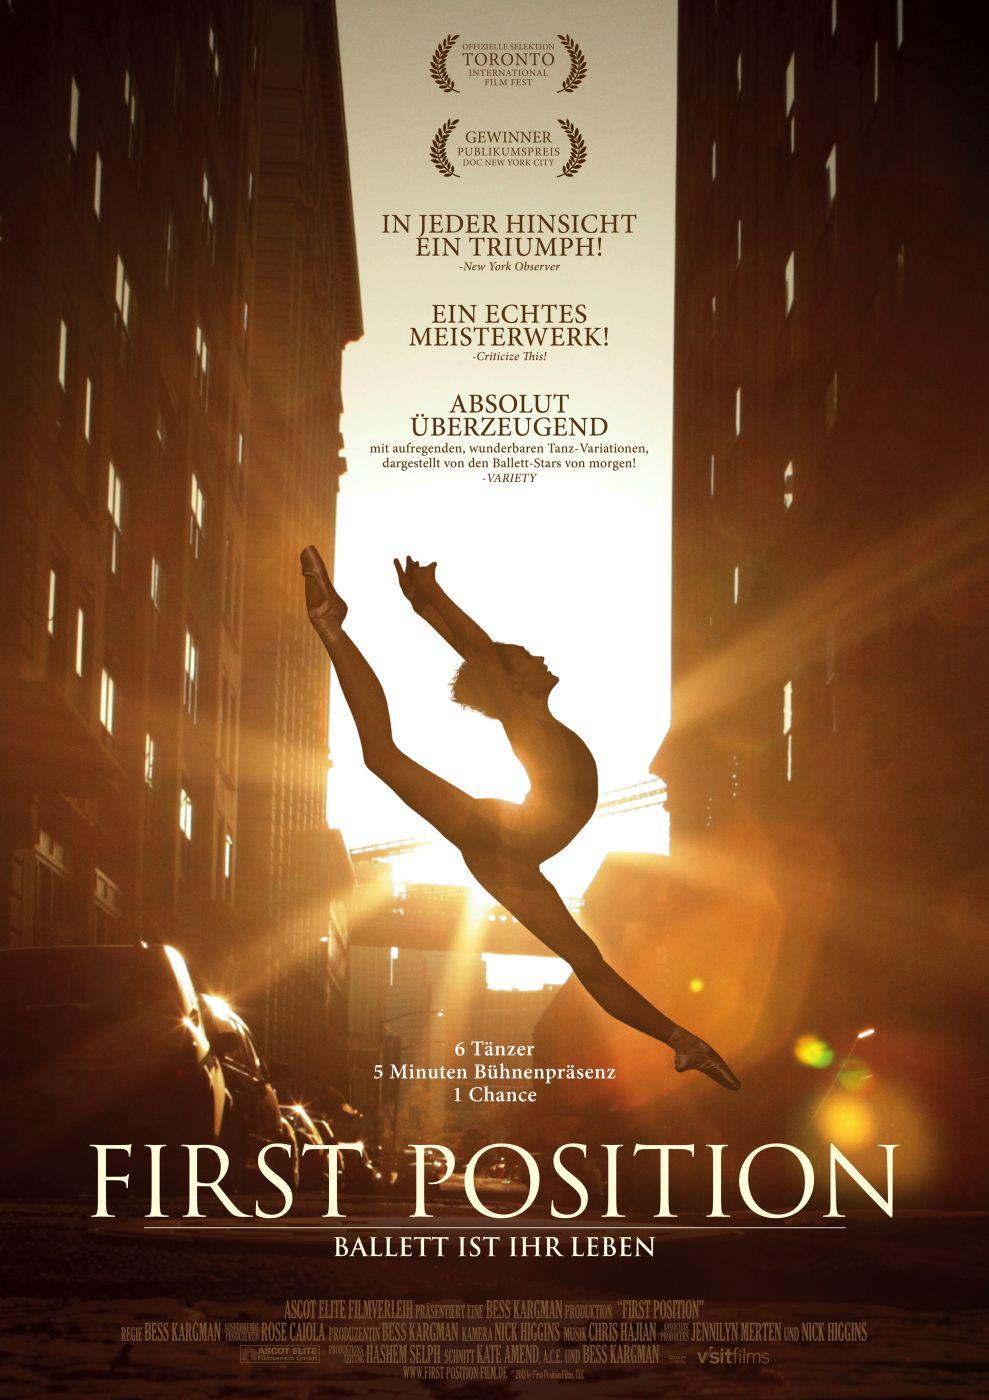 First Position Ballett Ist Ihr Leben